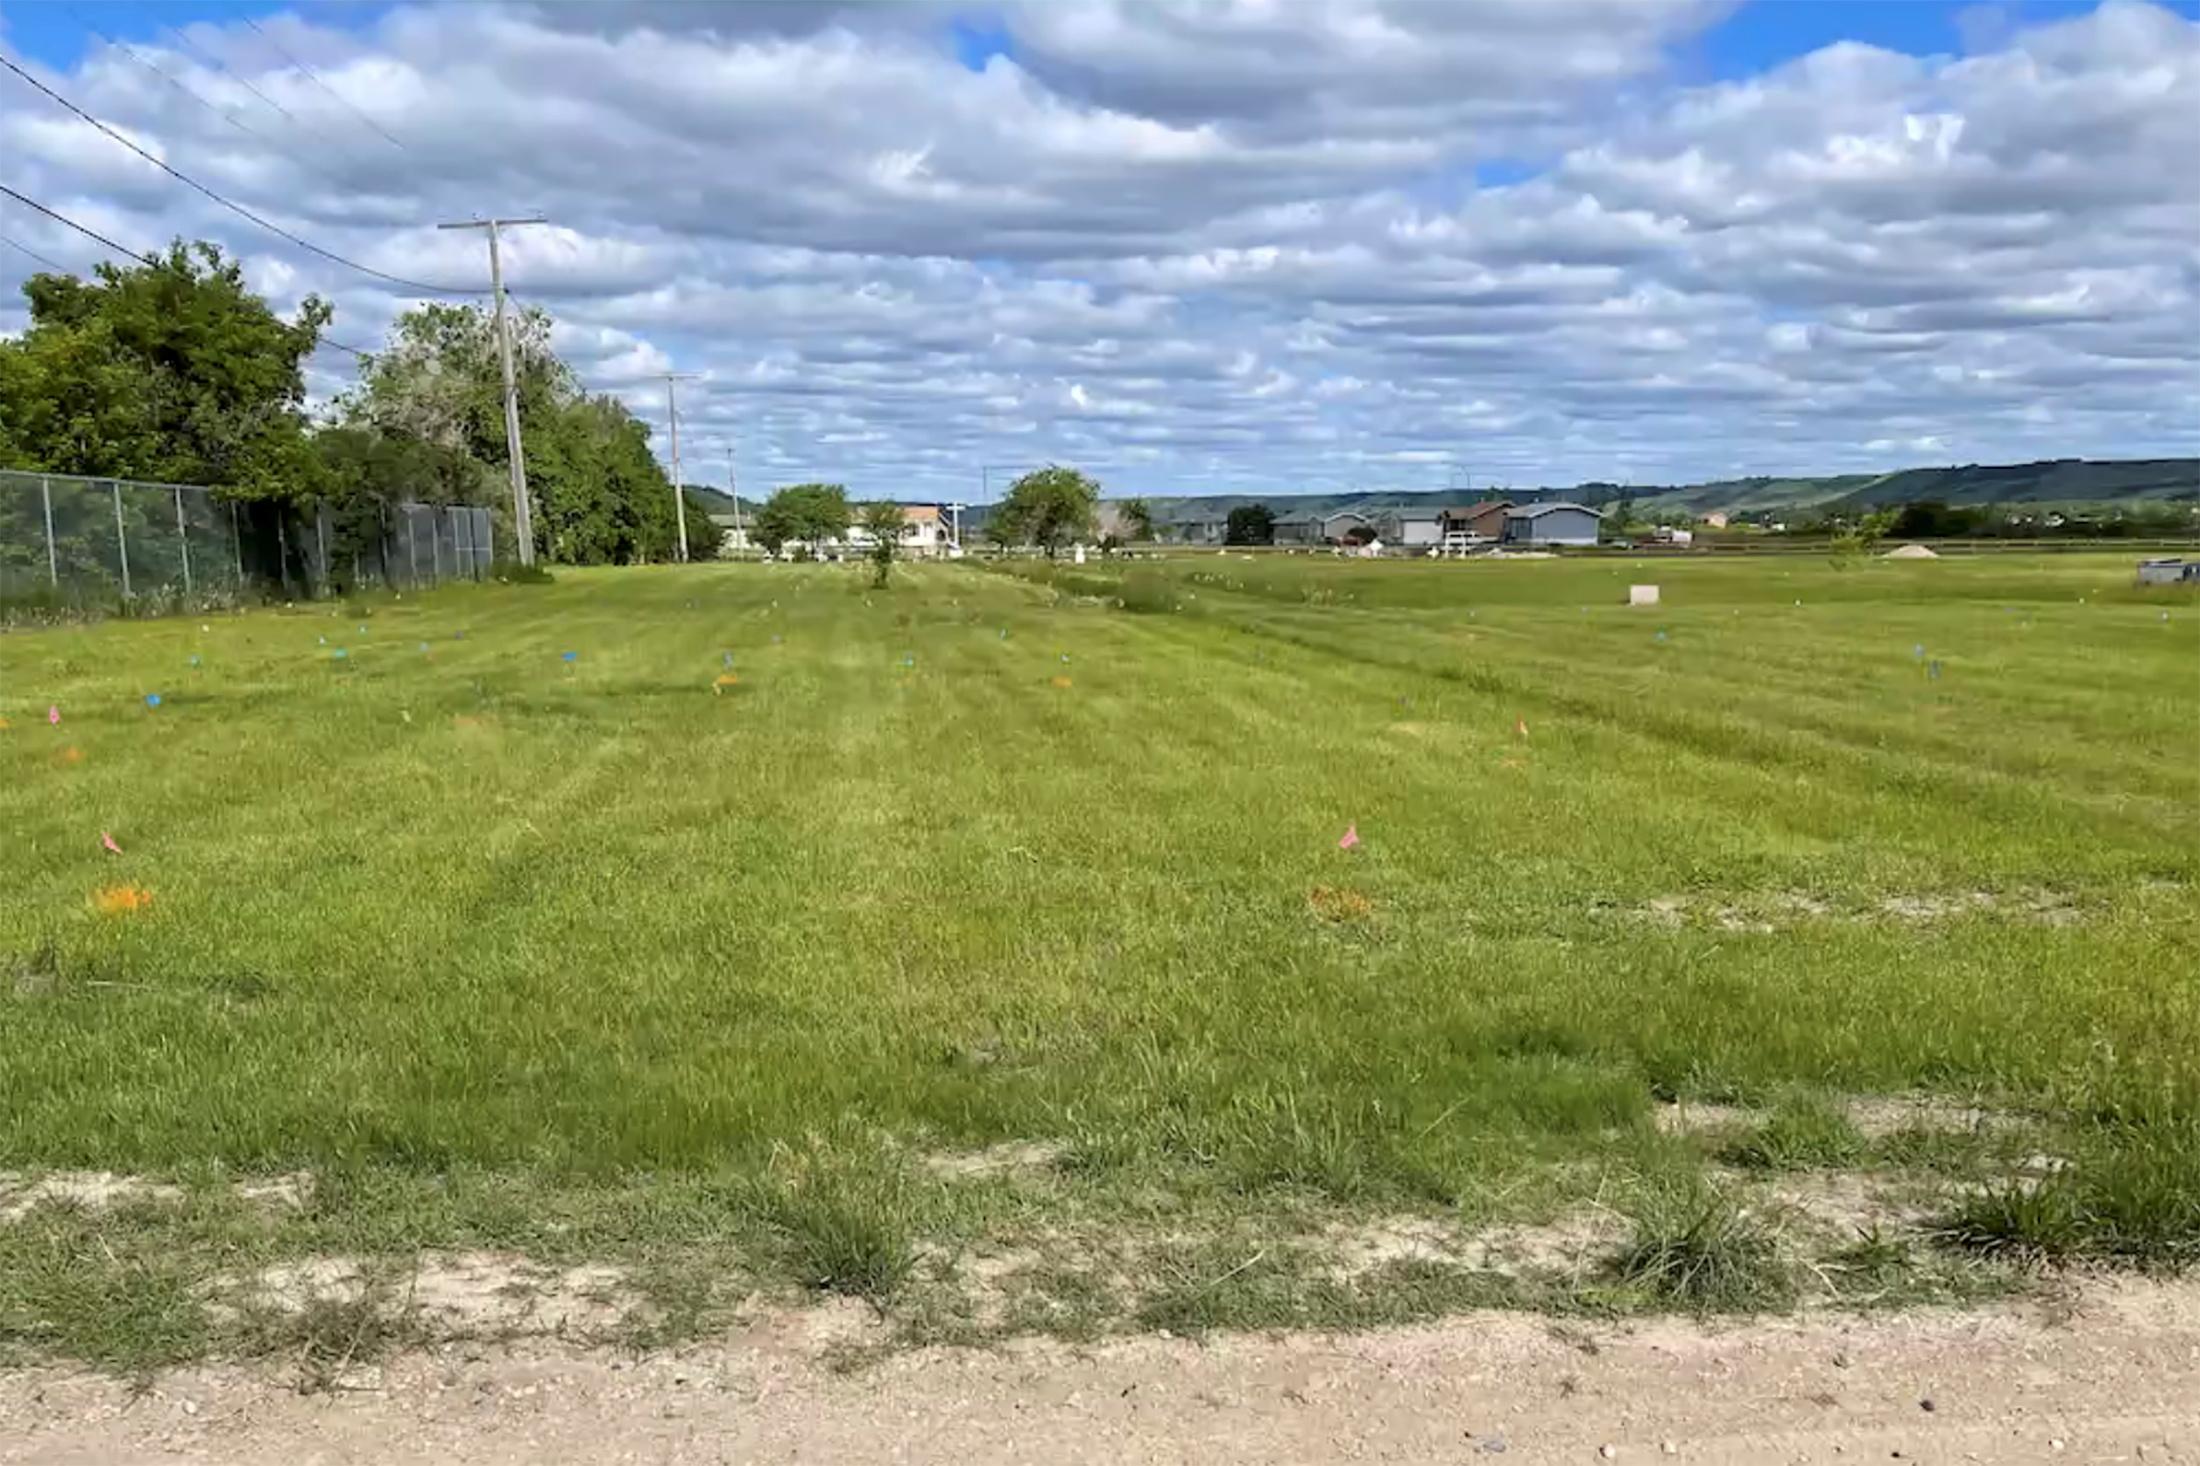 Καναδάς: Πάνω από 750 ανώνυμοι τάφοι σε παλιό οικοτροφείο ιθαγενών